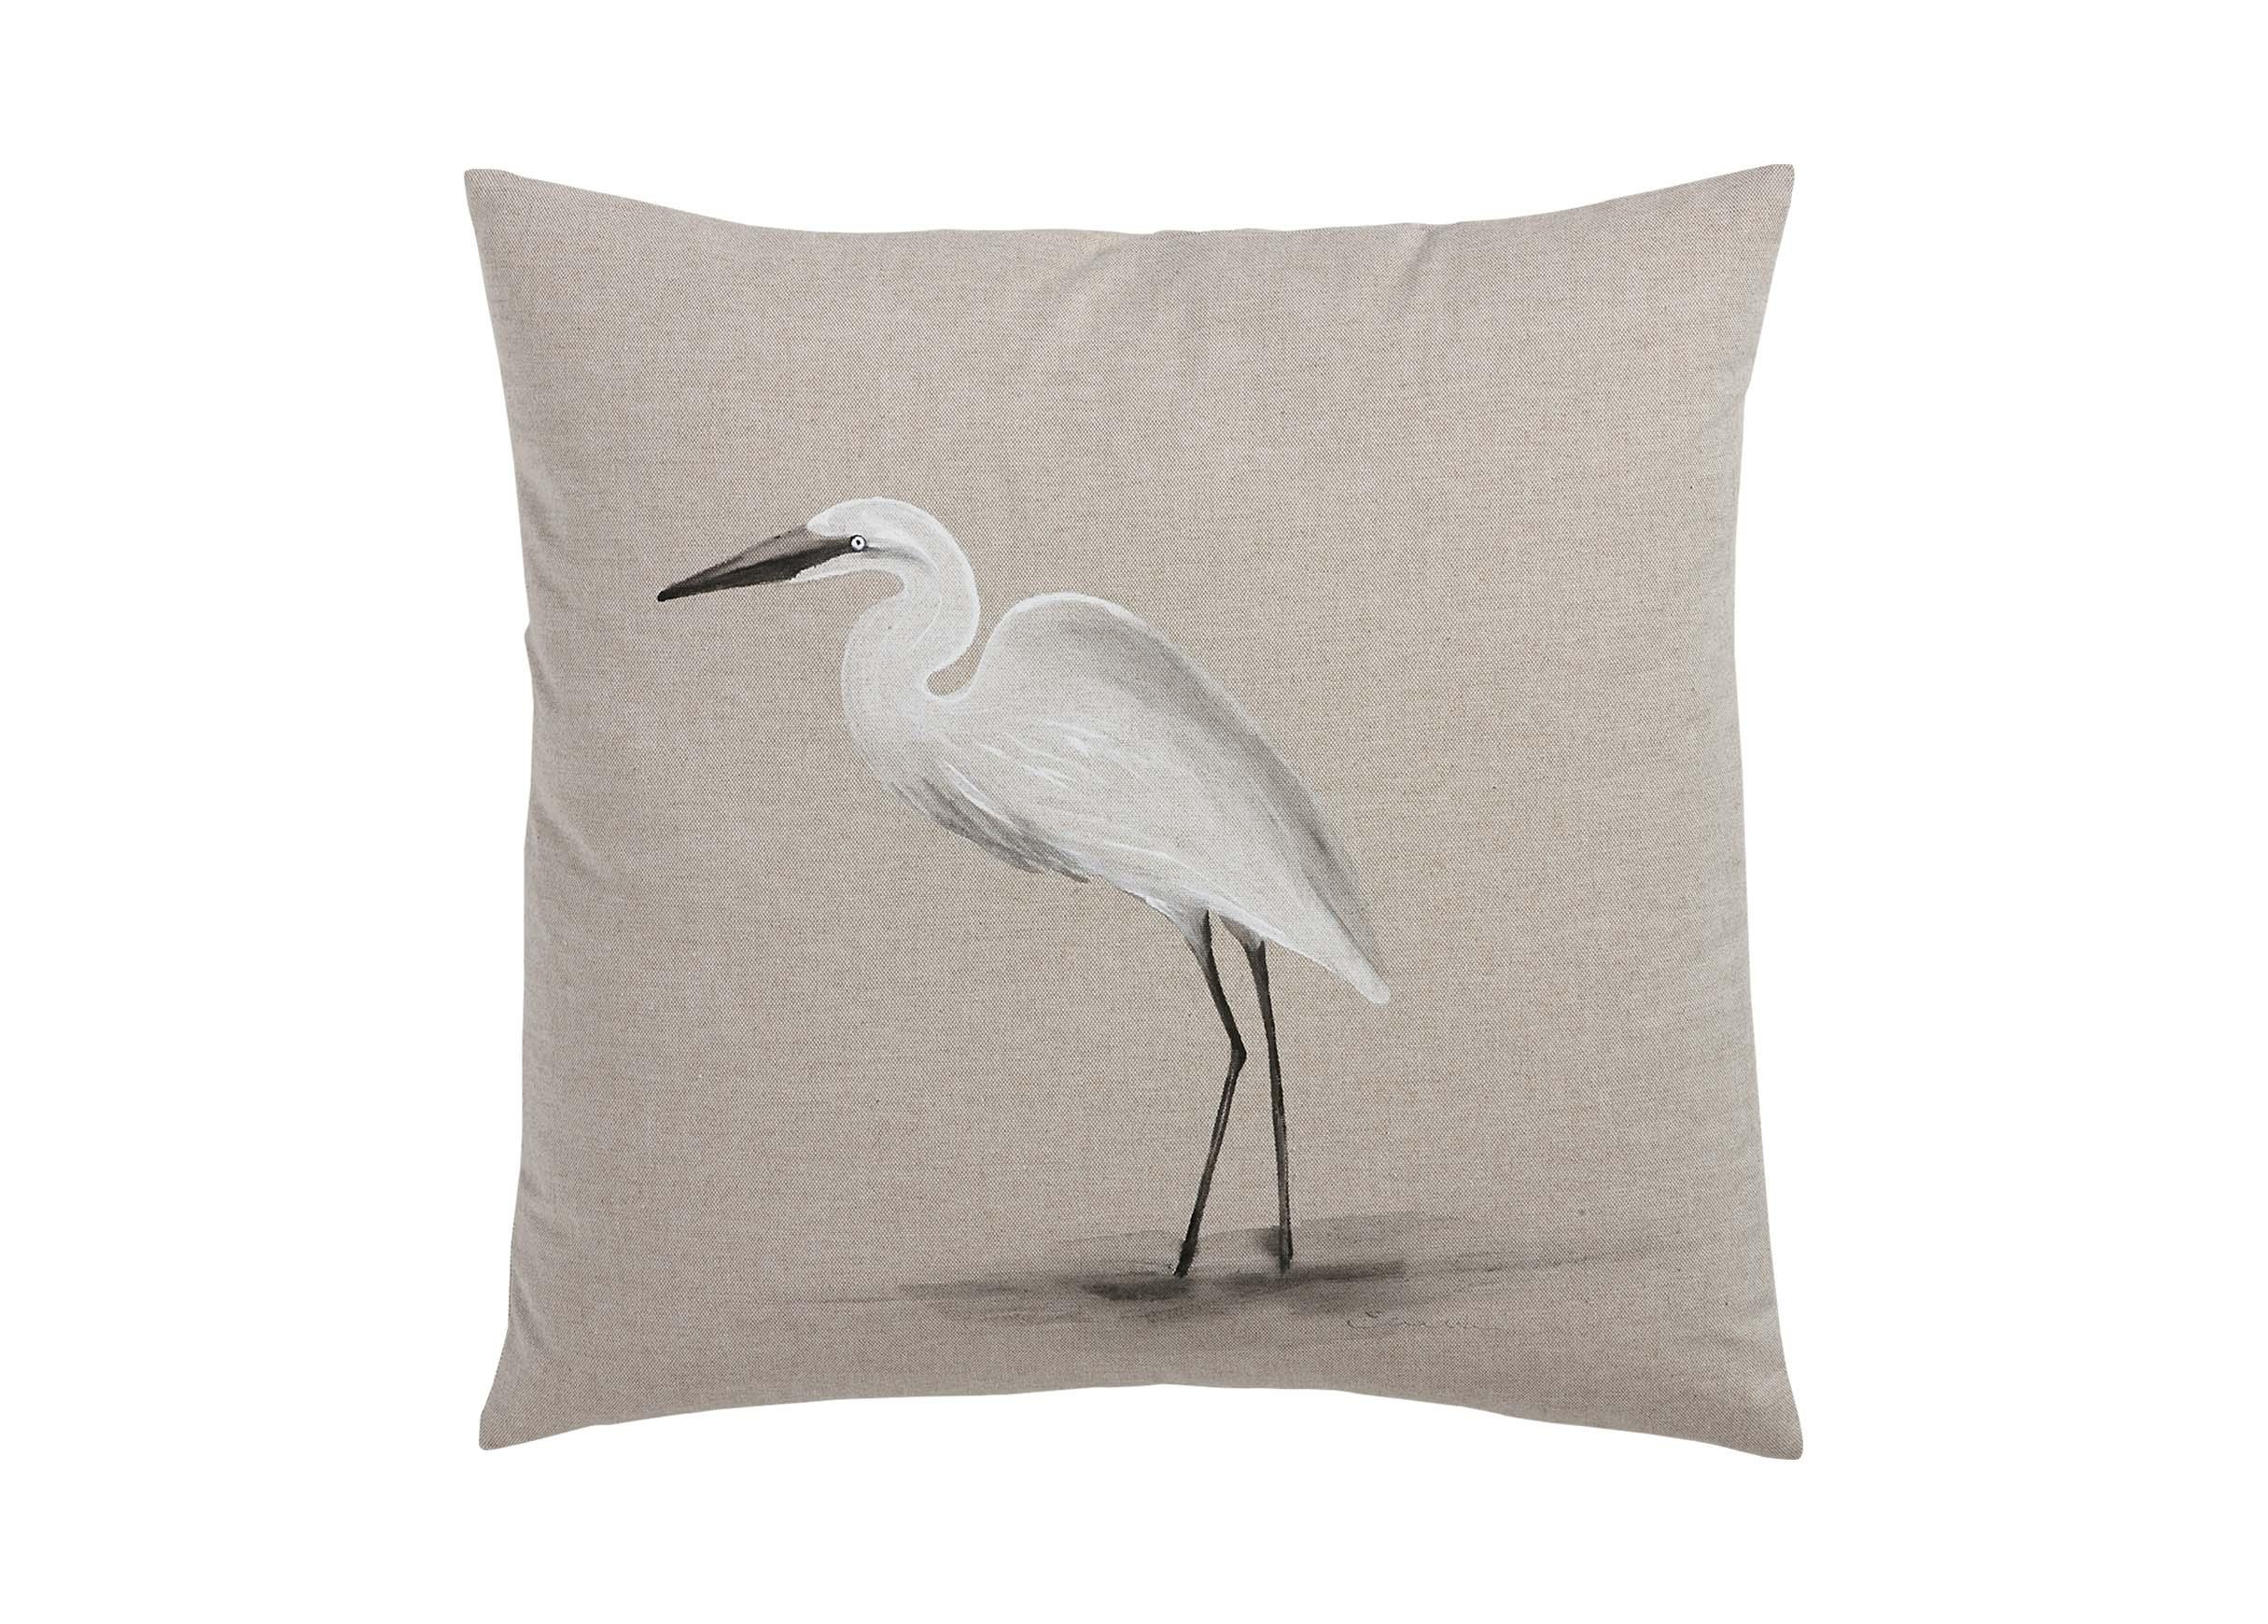 HandPainted Bird on Sand Pillow  Pillows  Ethan Allen